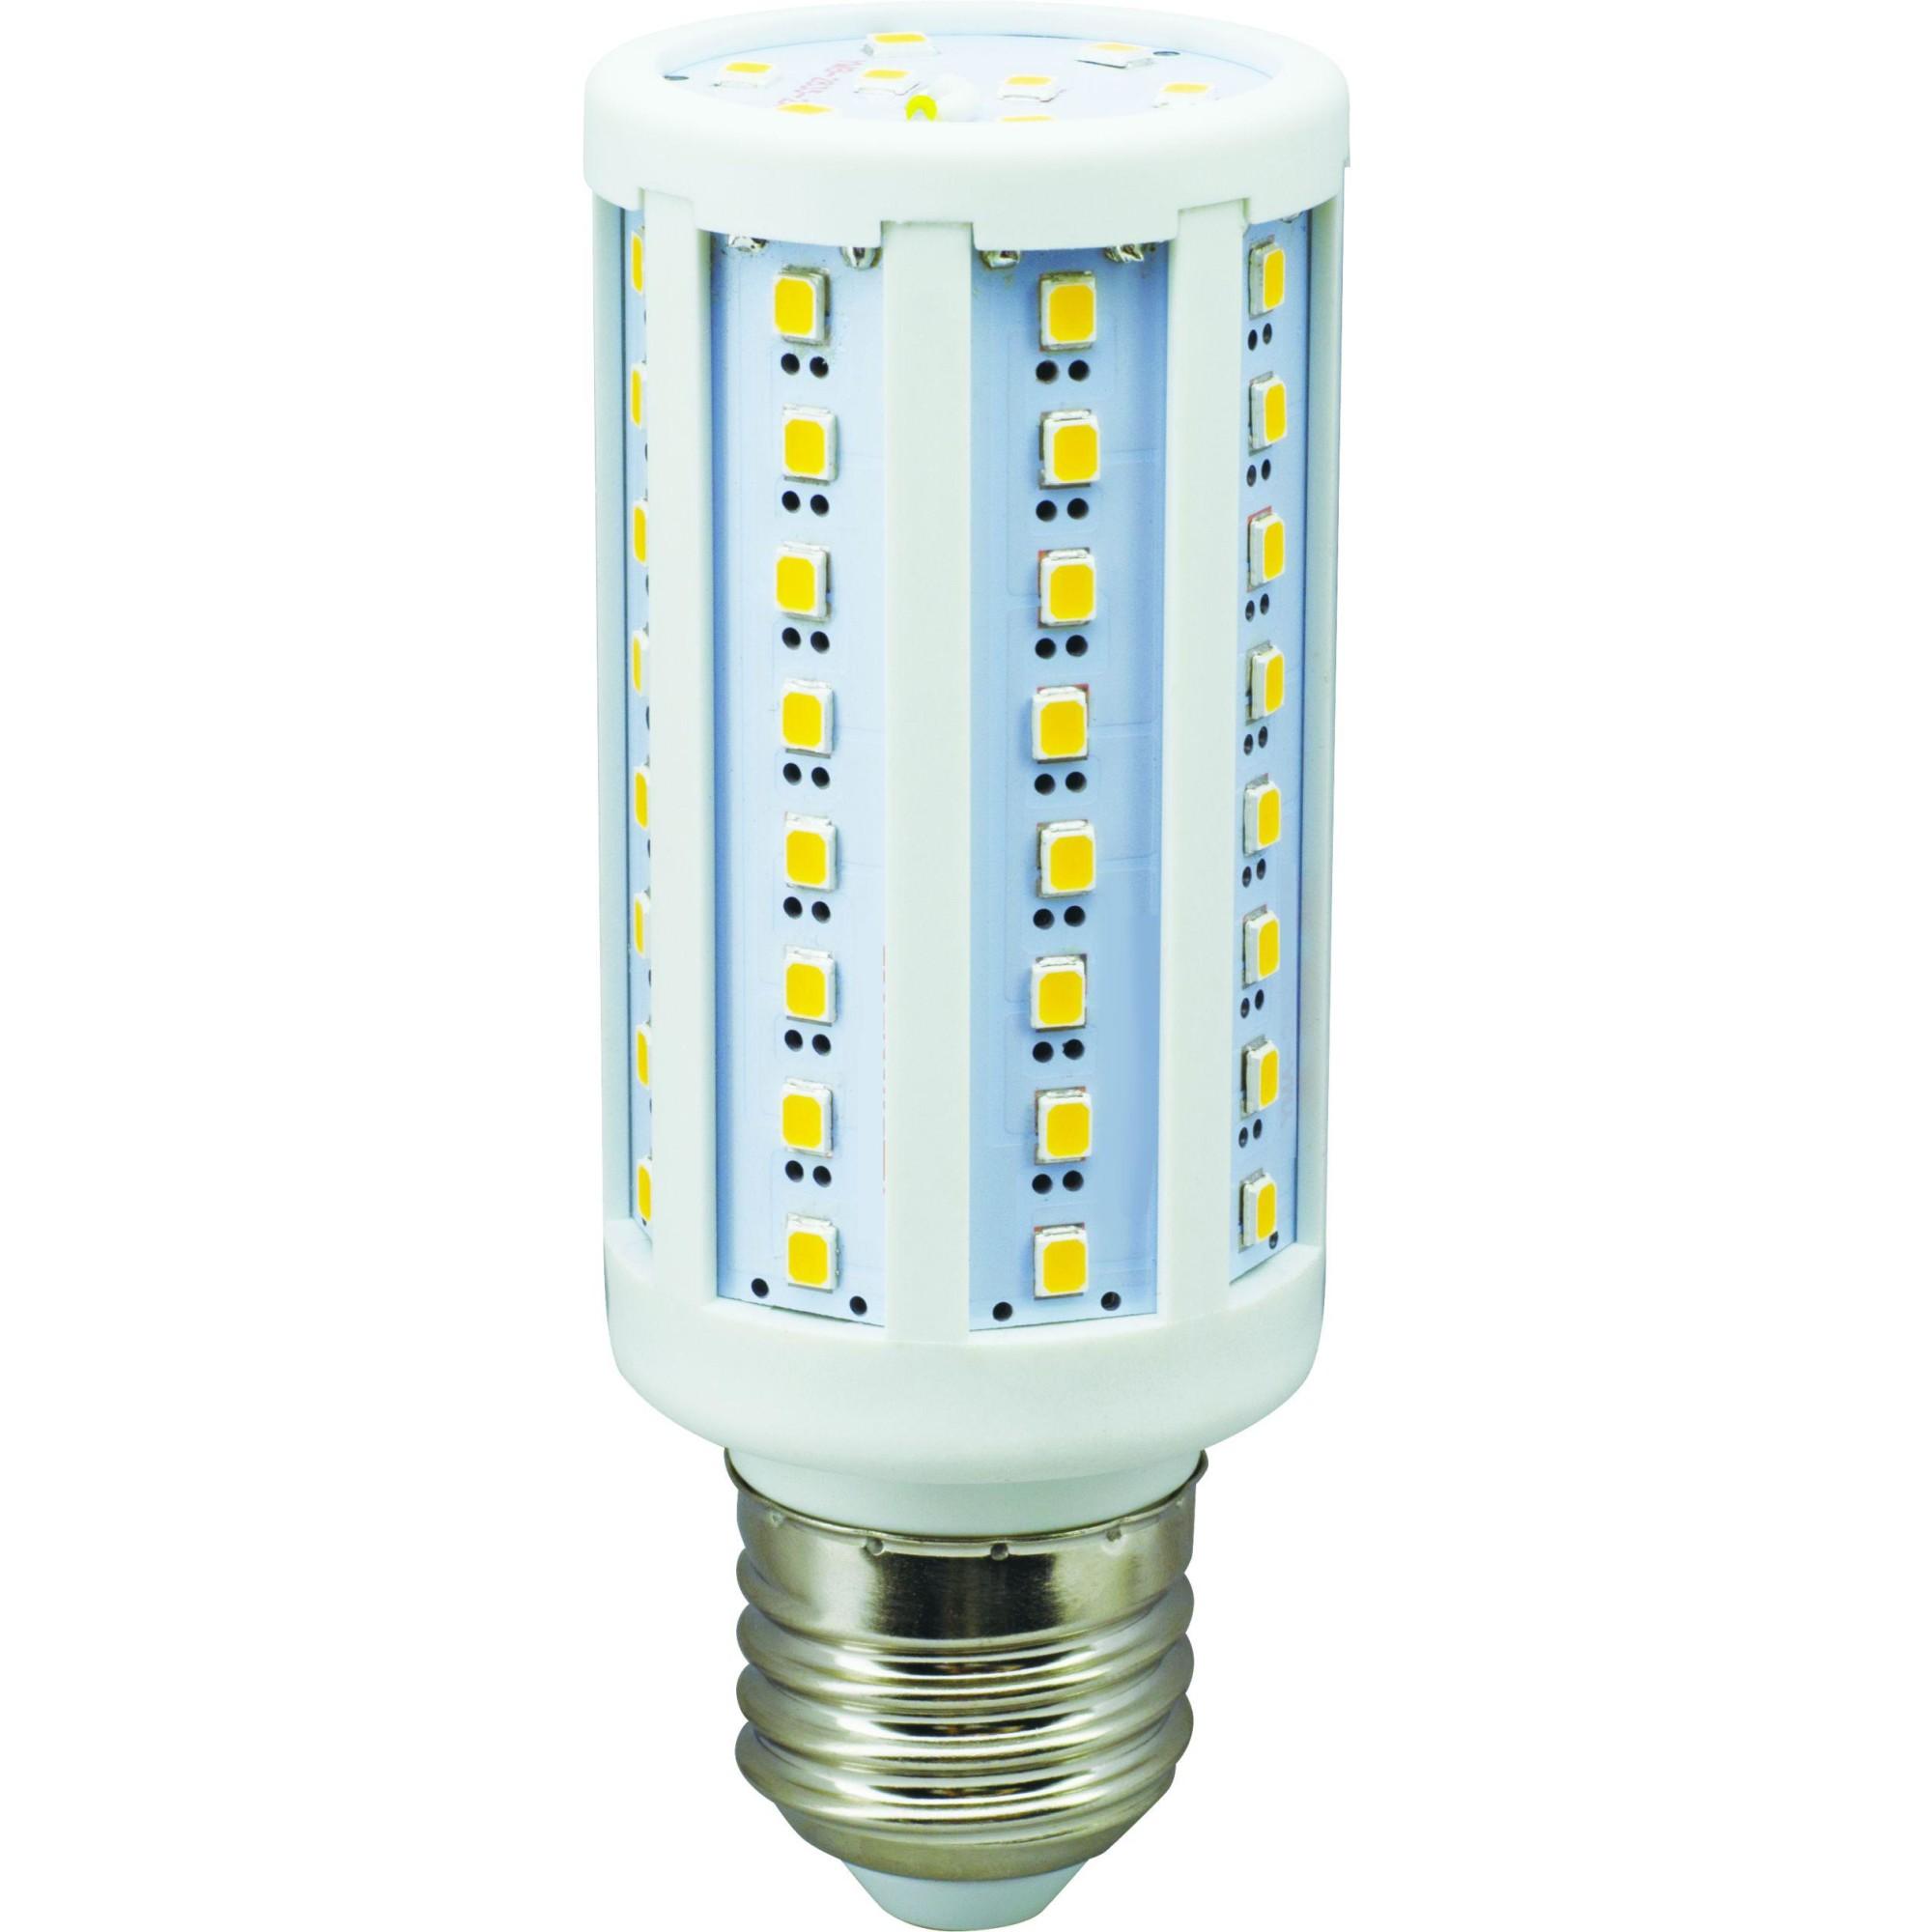 Лампа Ecola Premium светодионая E27 12 Вт кукуруза 1080 Лм нейтральный свет